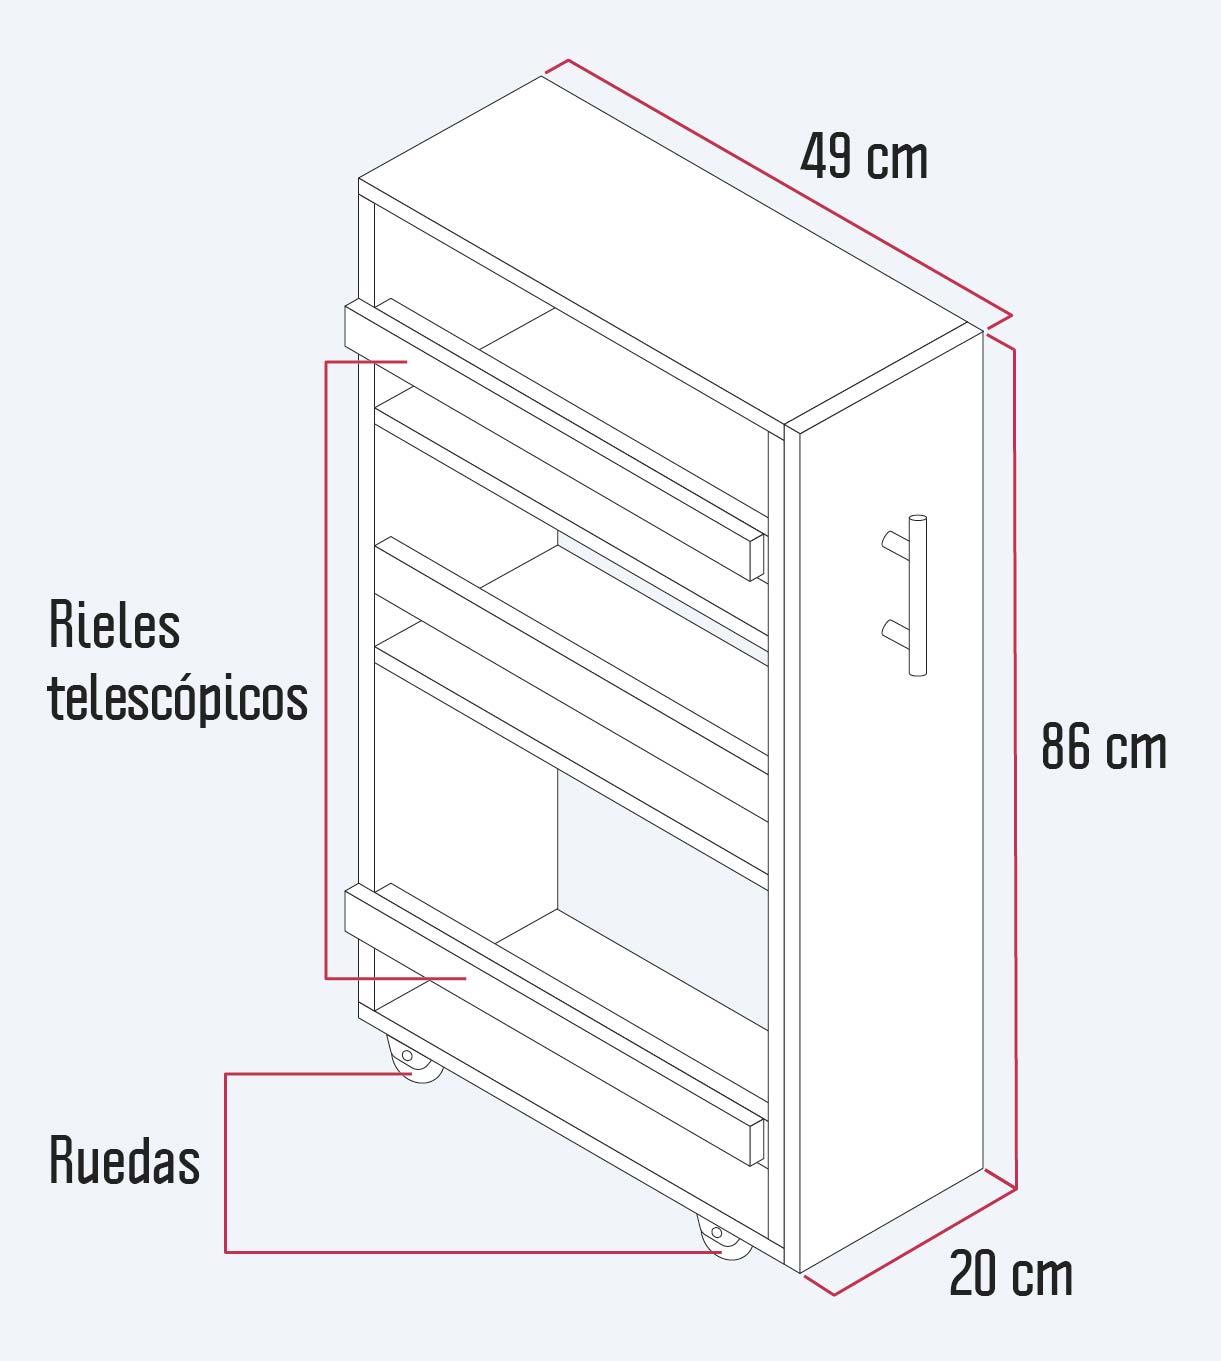 despensa para cocina construida en melamina blanca. Mide 86 cm de alto, 49 de profundidad, y 20 de ancho. Tiene ruedas y rieles telescópicos